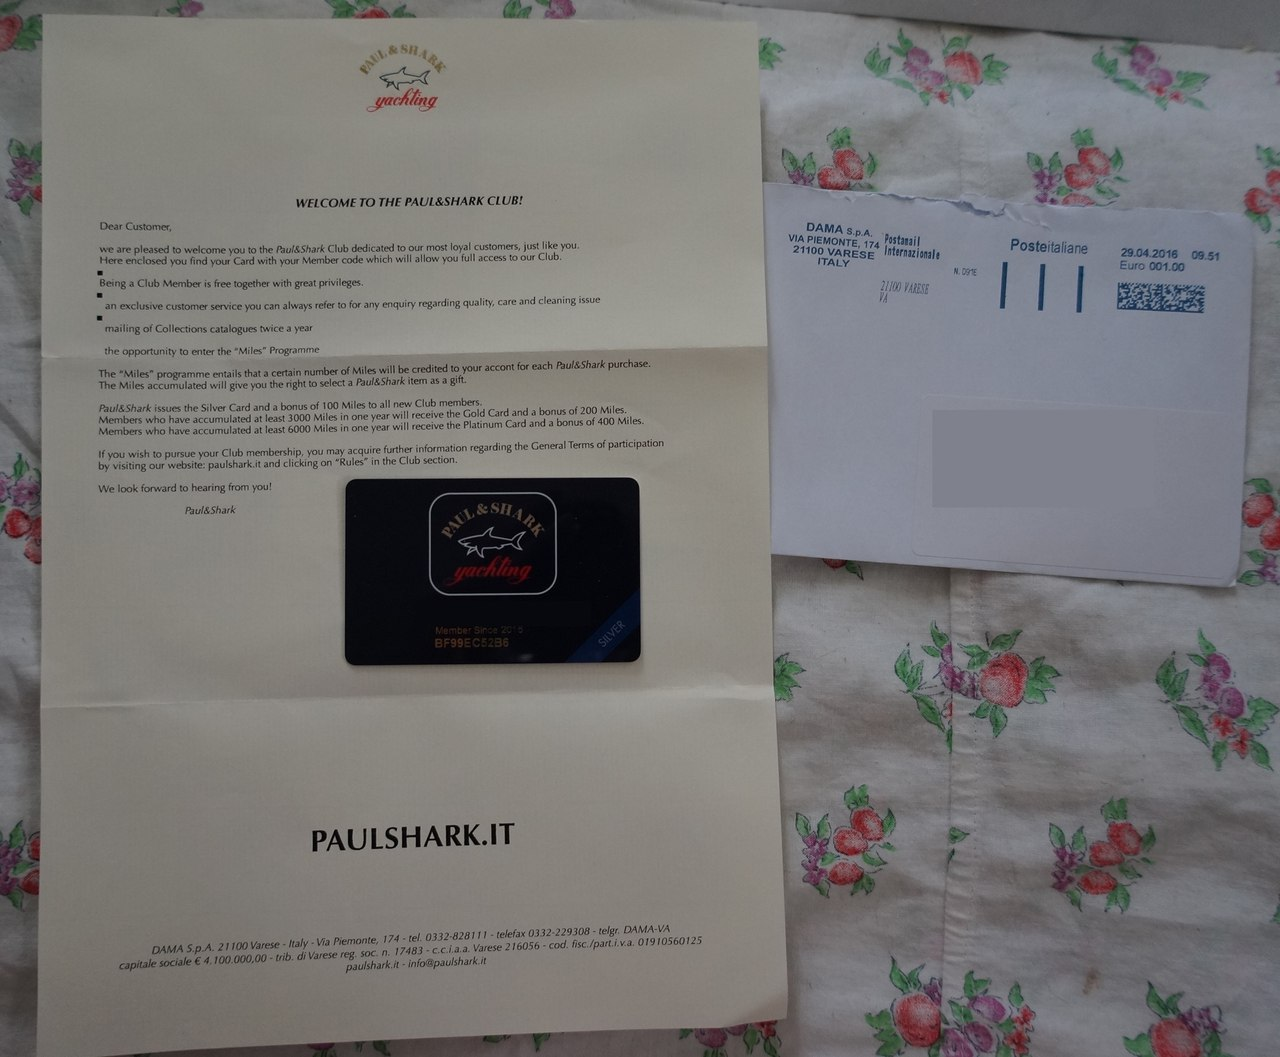 карточка Paulshark